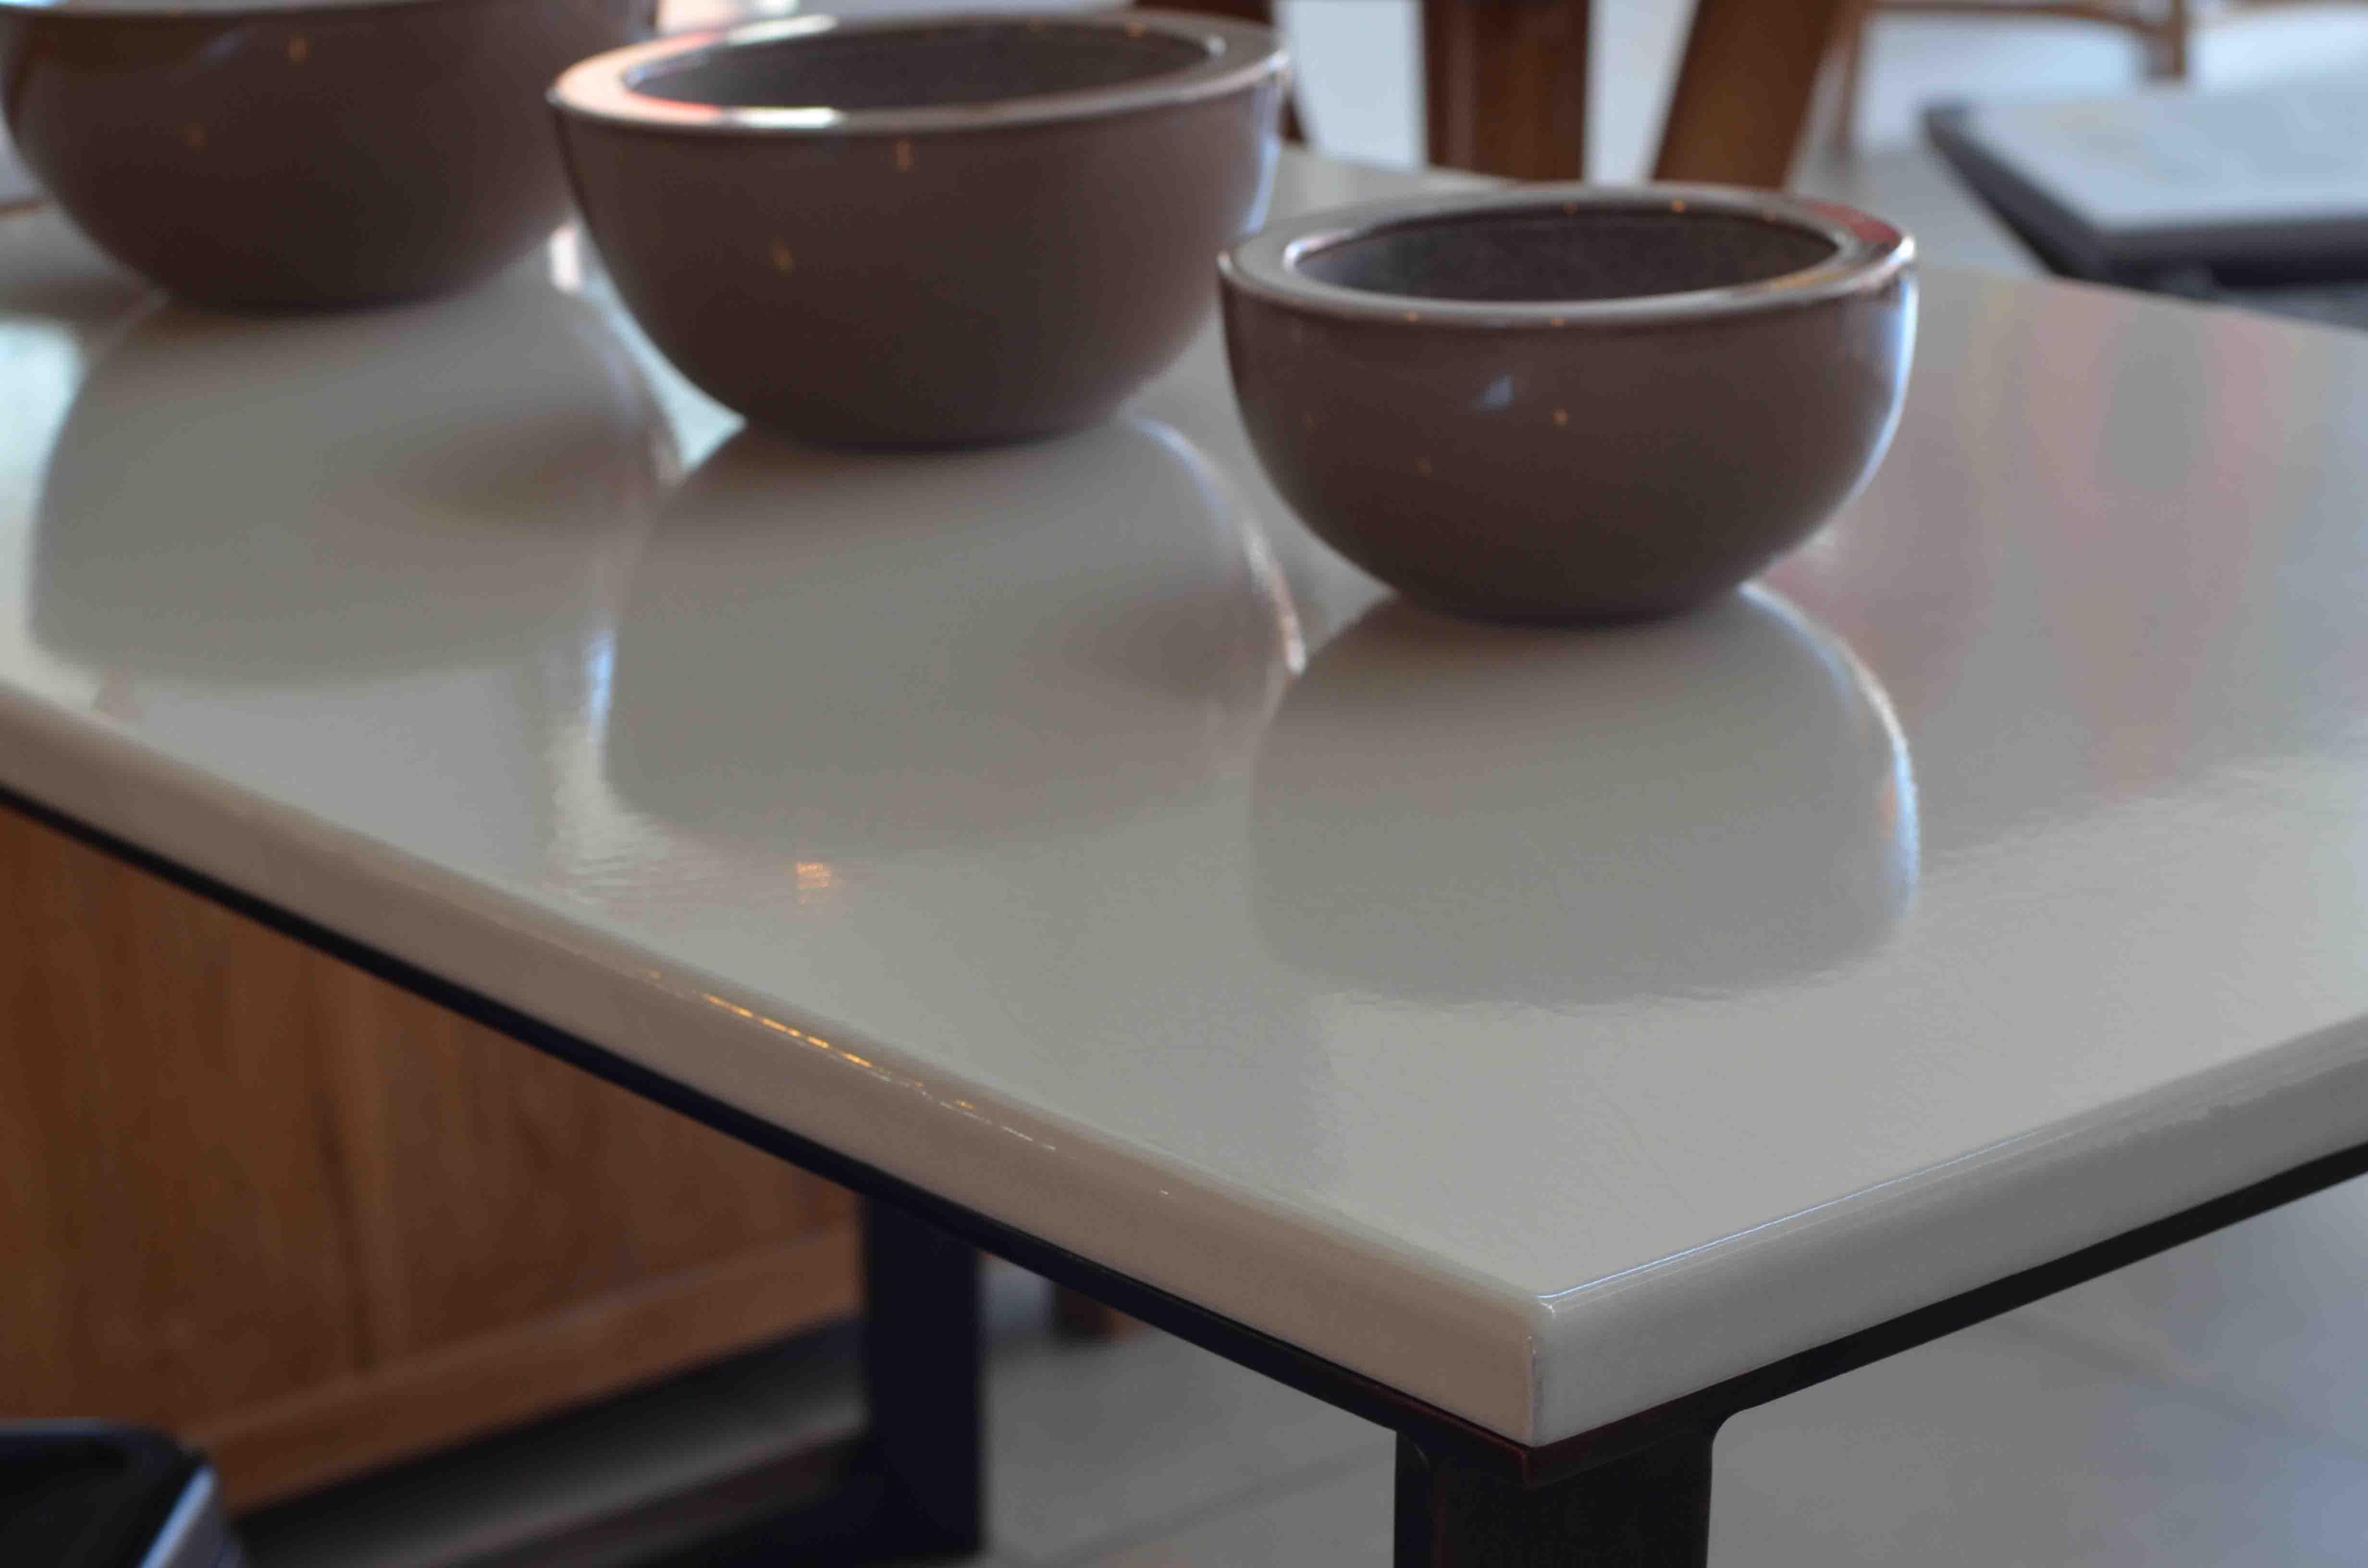 Décoration et table en pierre de lave émaillée